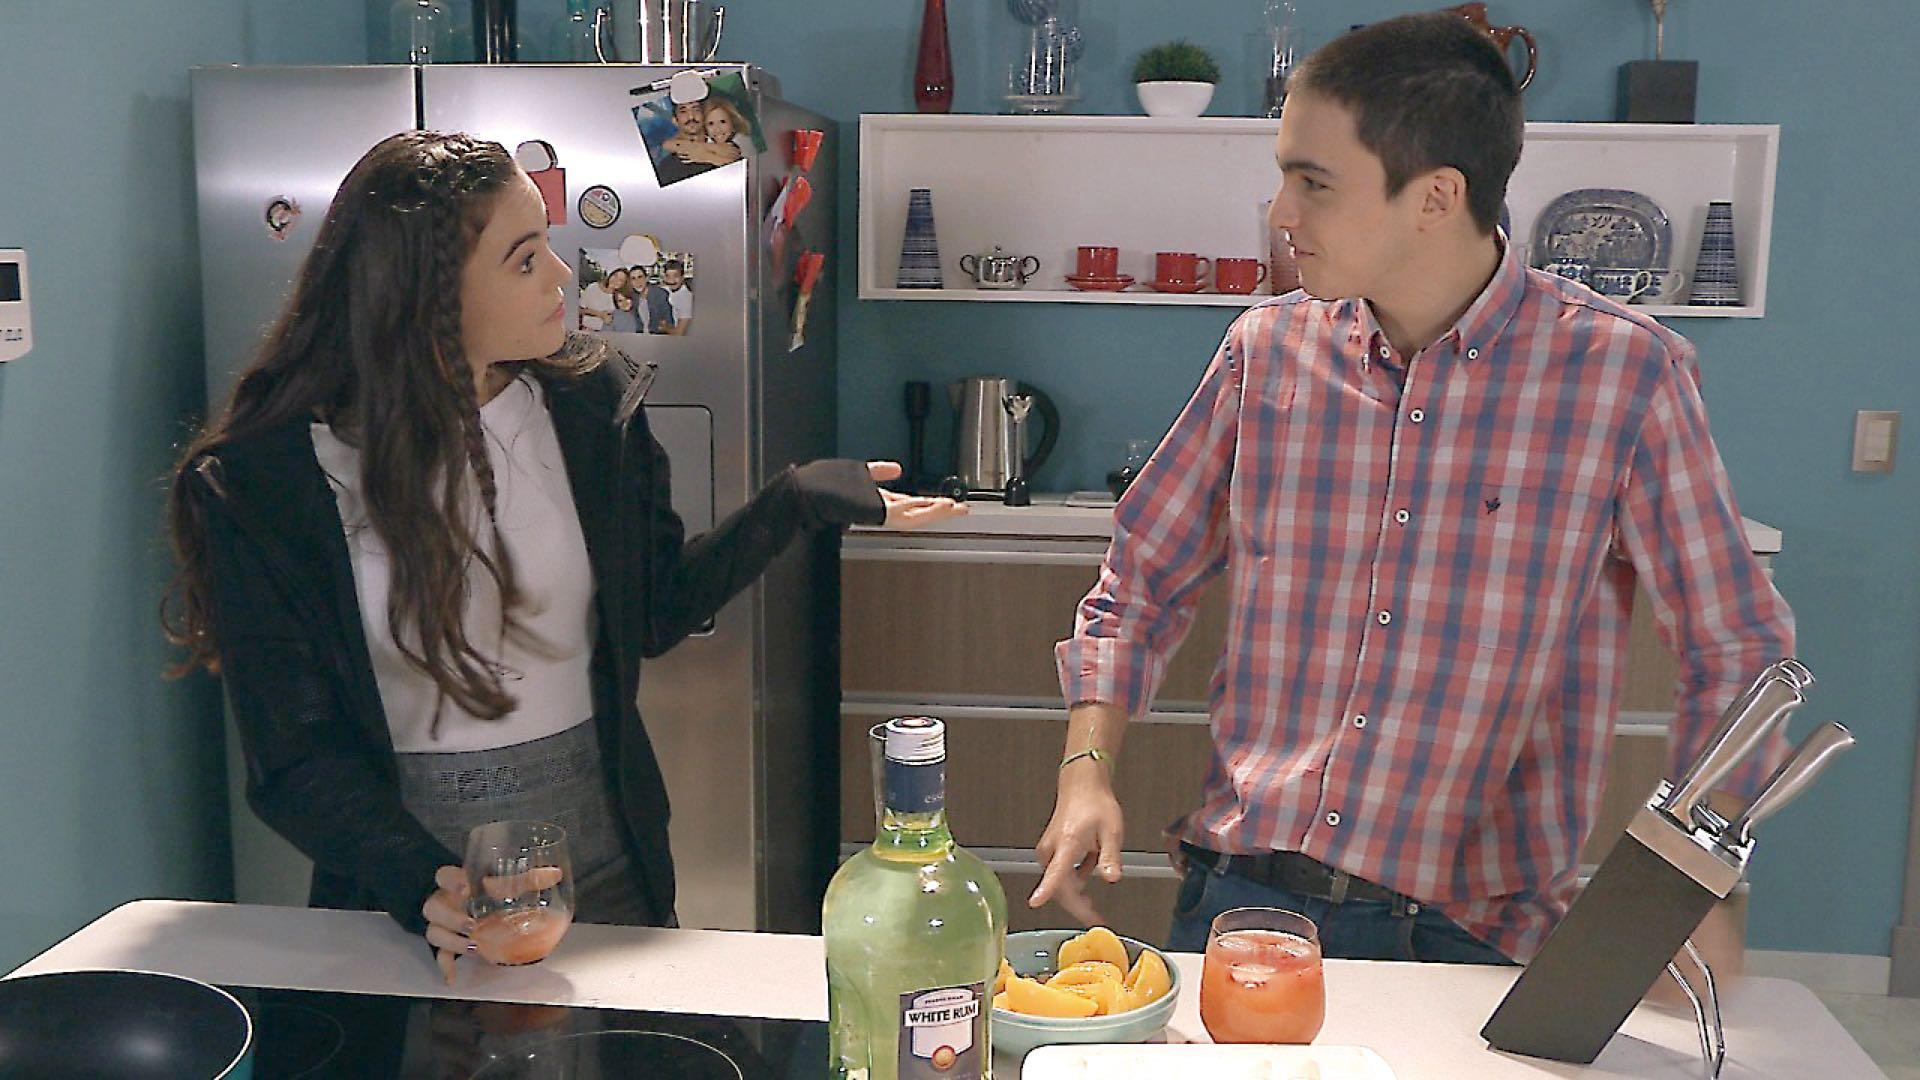 Lola Morán interpreta a Soledad en Cien días para enamorarse. En la ficción ella trata de seducir Juan Minujín, pero es su hijo quien está interesado en ella.